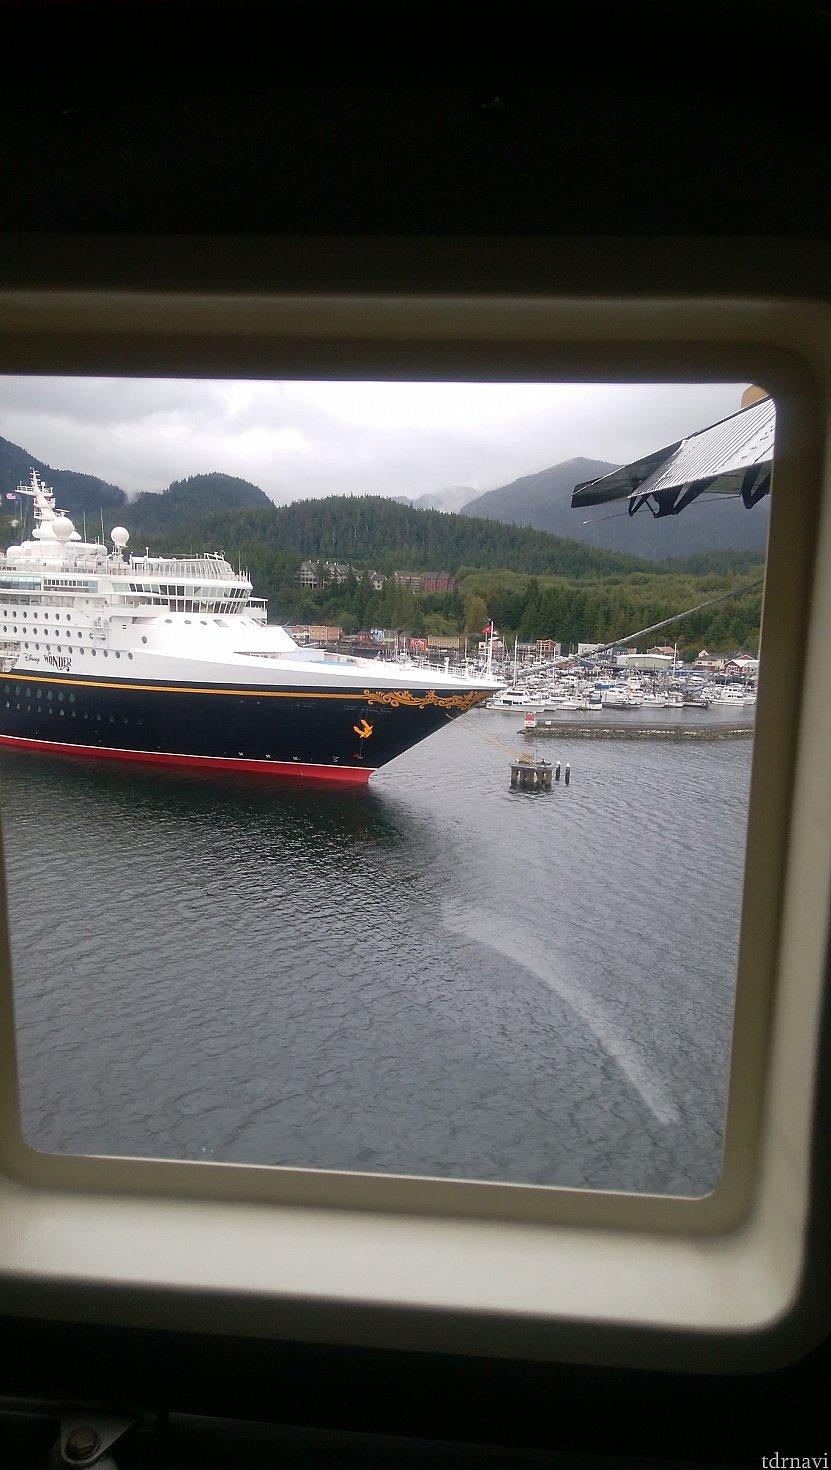 船を横目に着陸態勢